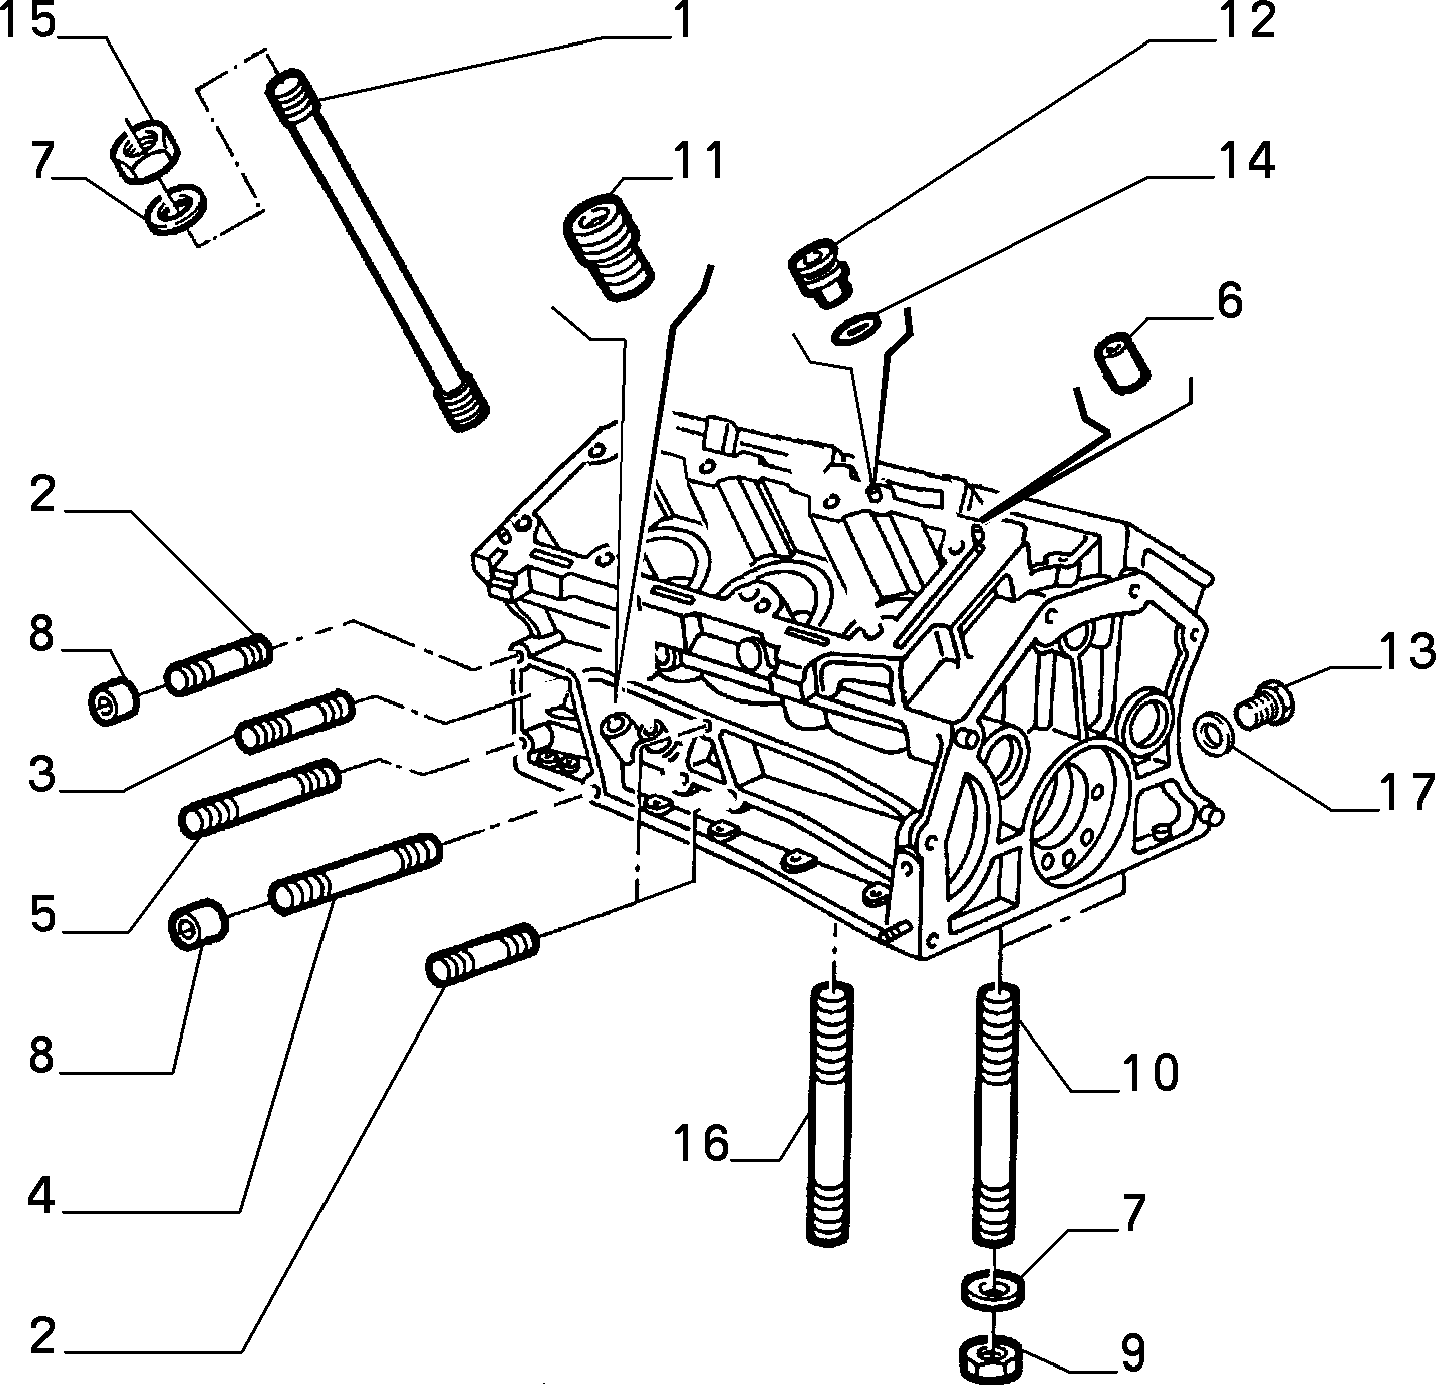 Wt 1255  350 Chevy Engine Diagram Schematic Wiring